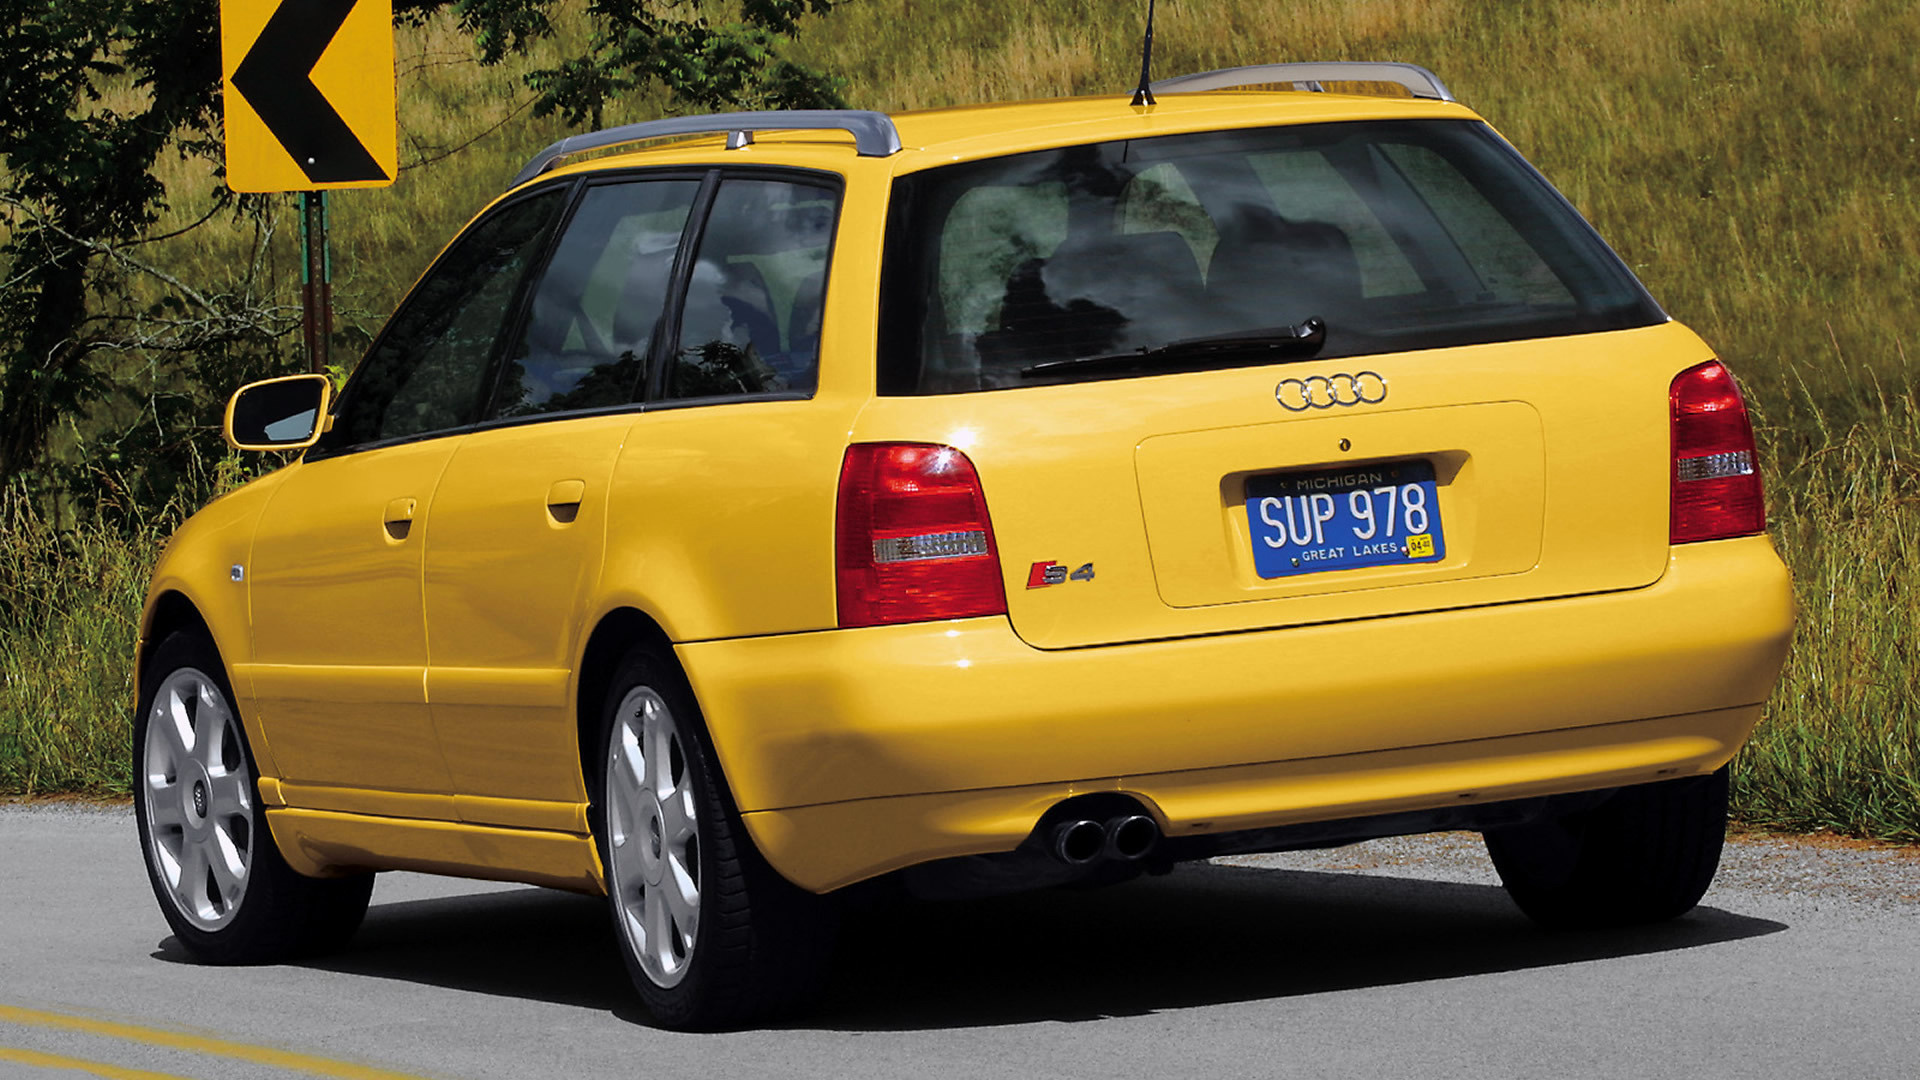 Kelebihan Audi S4 2000 Perbandingan Harga